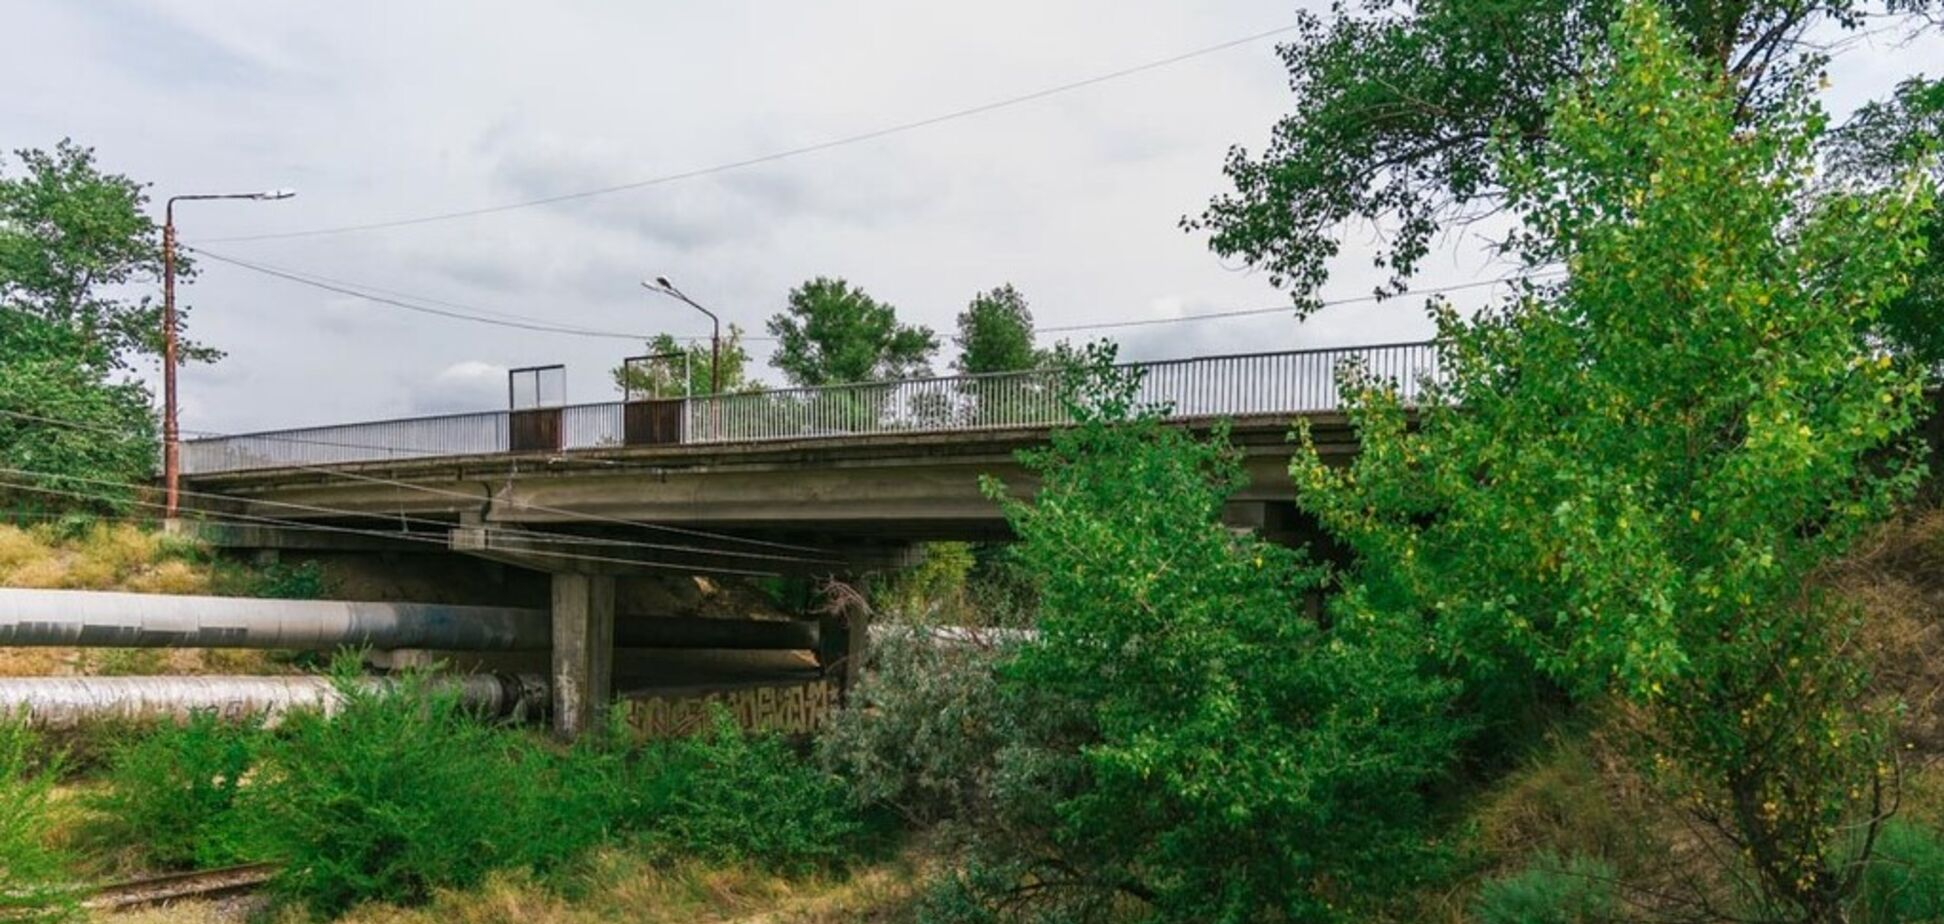 В Днепре под мостом нашли мертвую женщину. Фото 18+